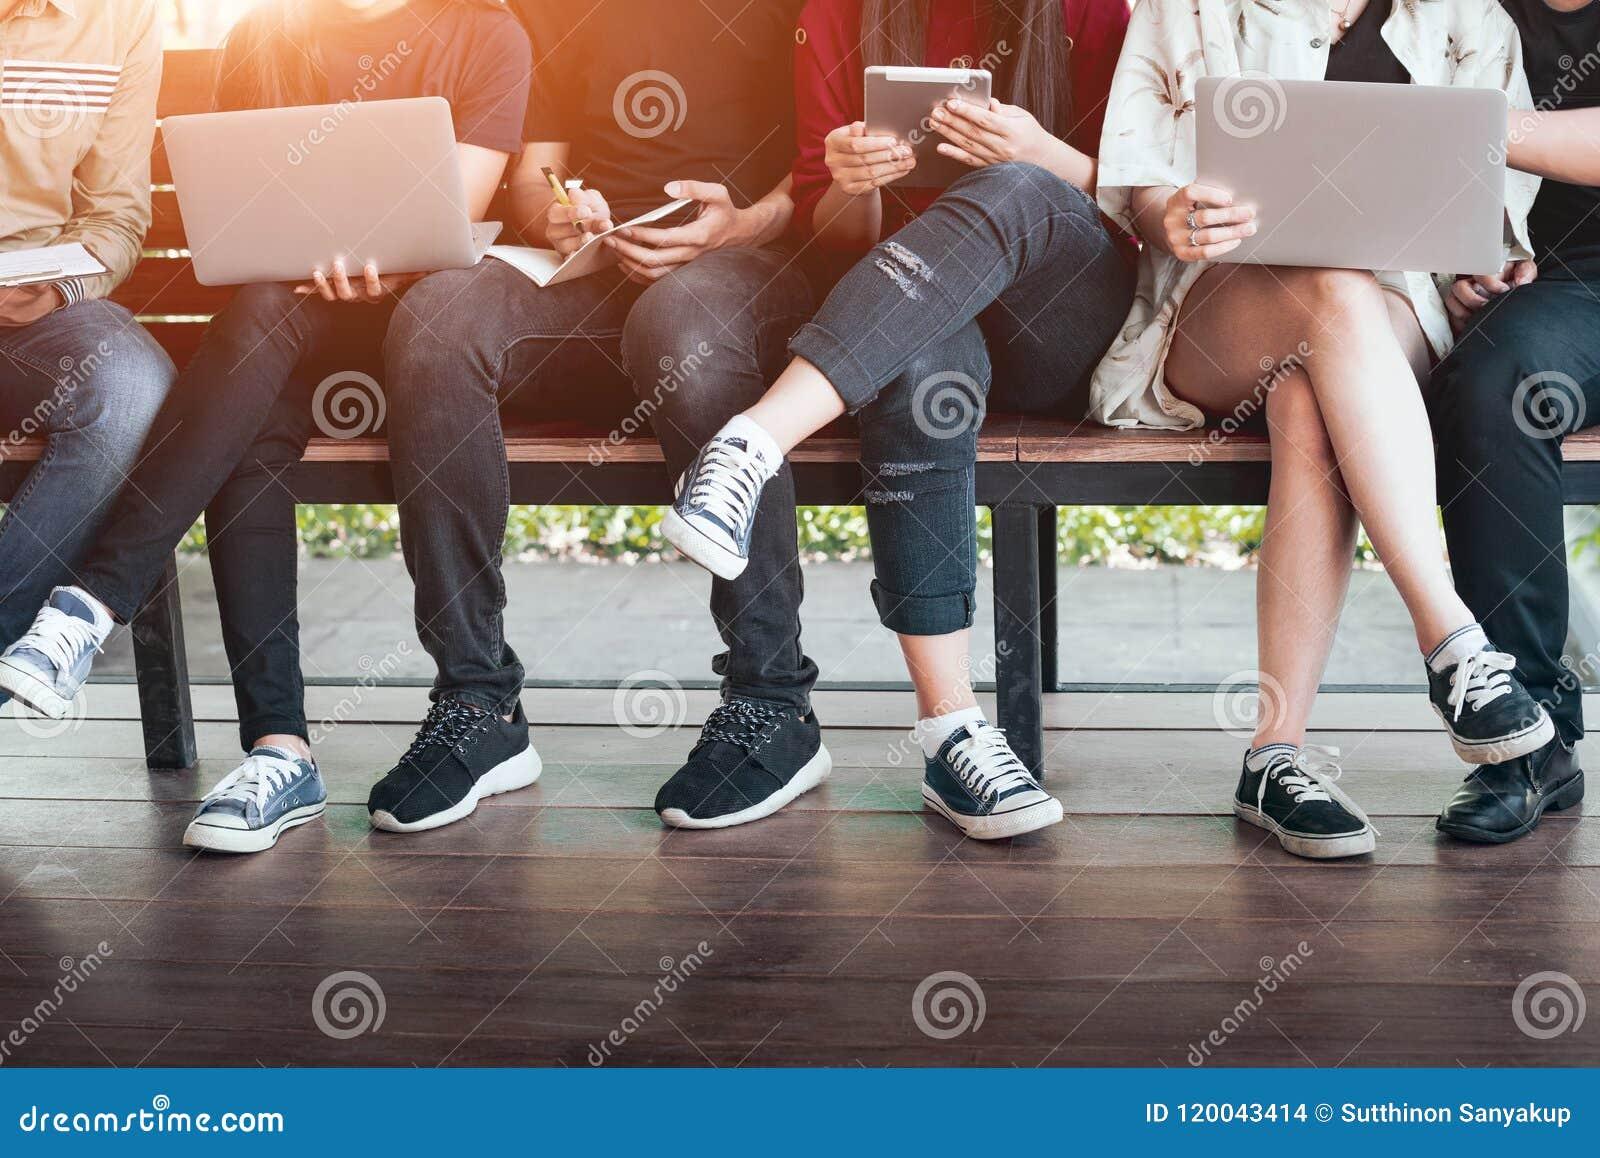 Πίσω στην πανεπιστημιακή έννοια κολλεγίων γνώσης σχολικής εκπαίδευσης, νέοι που είναι χρησιμοποιημένη υπολογιστής και ταμπλέτα, ε